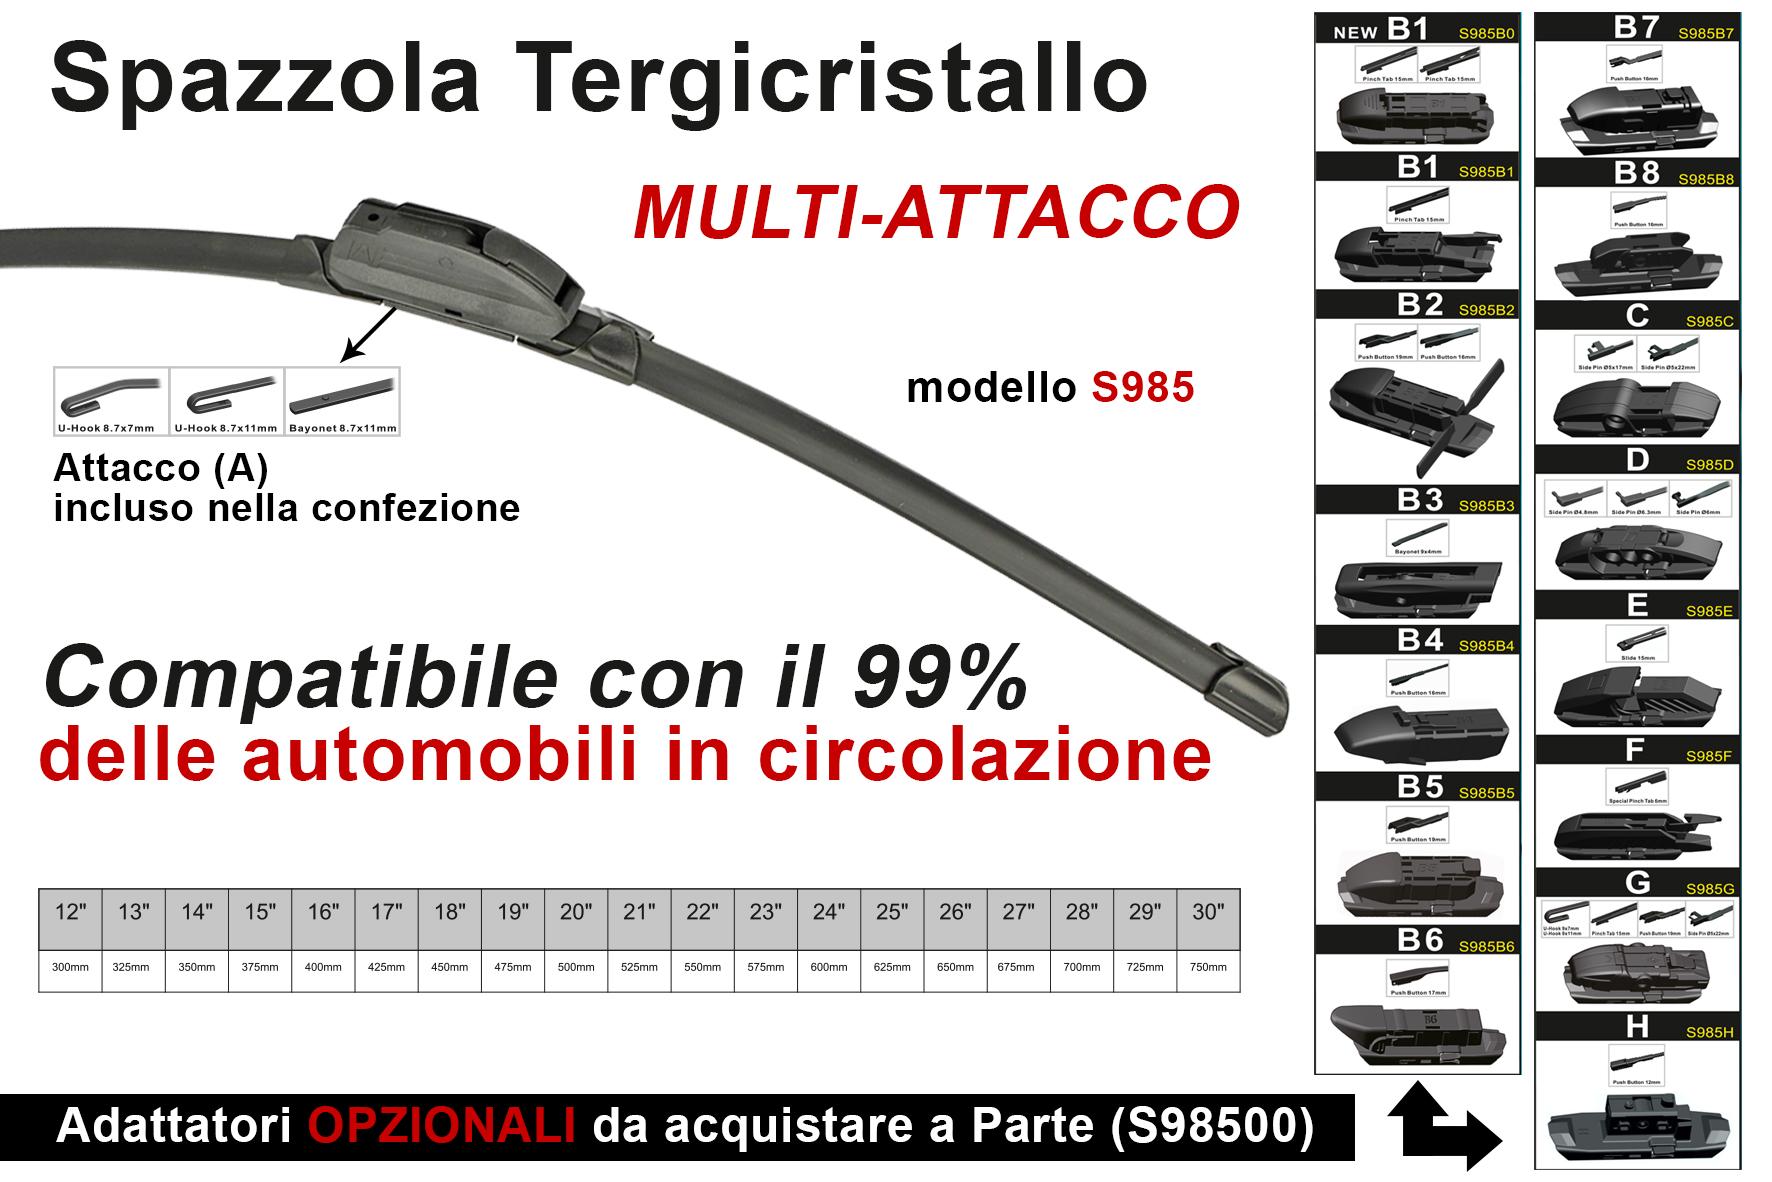 Spazzola Tergicristallo Auto Universale S985 18`` 450mm Carall 16 Attacchi Opzionale - PZ